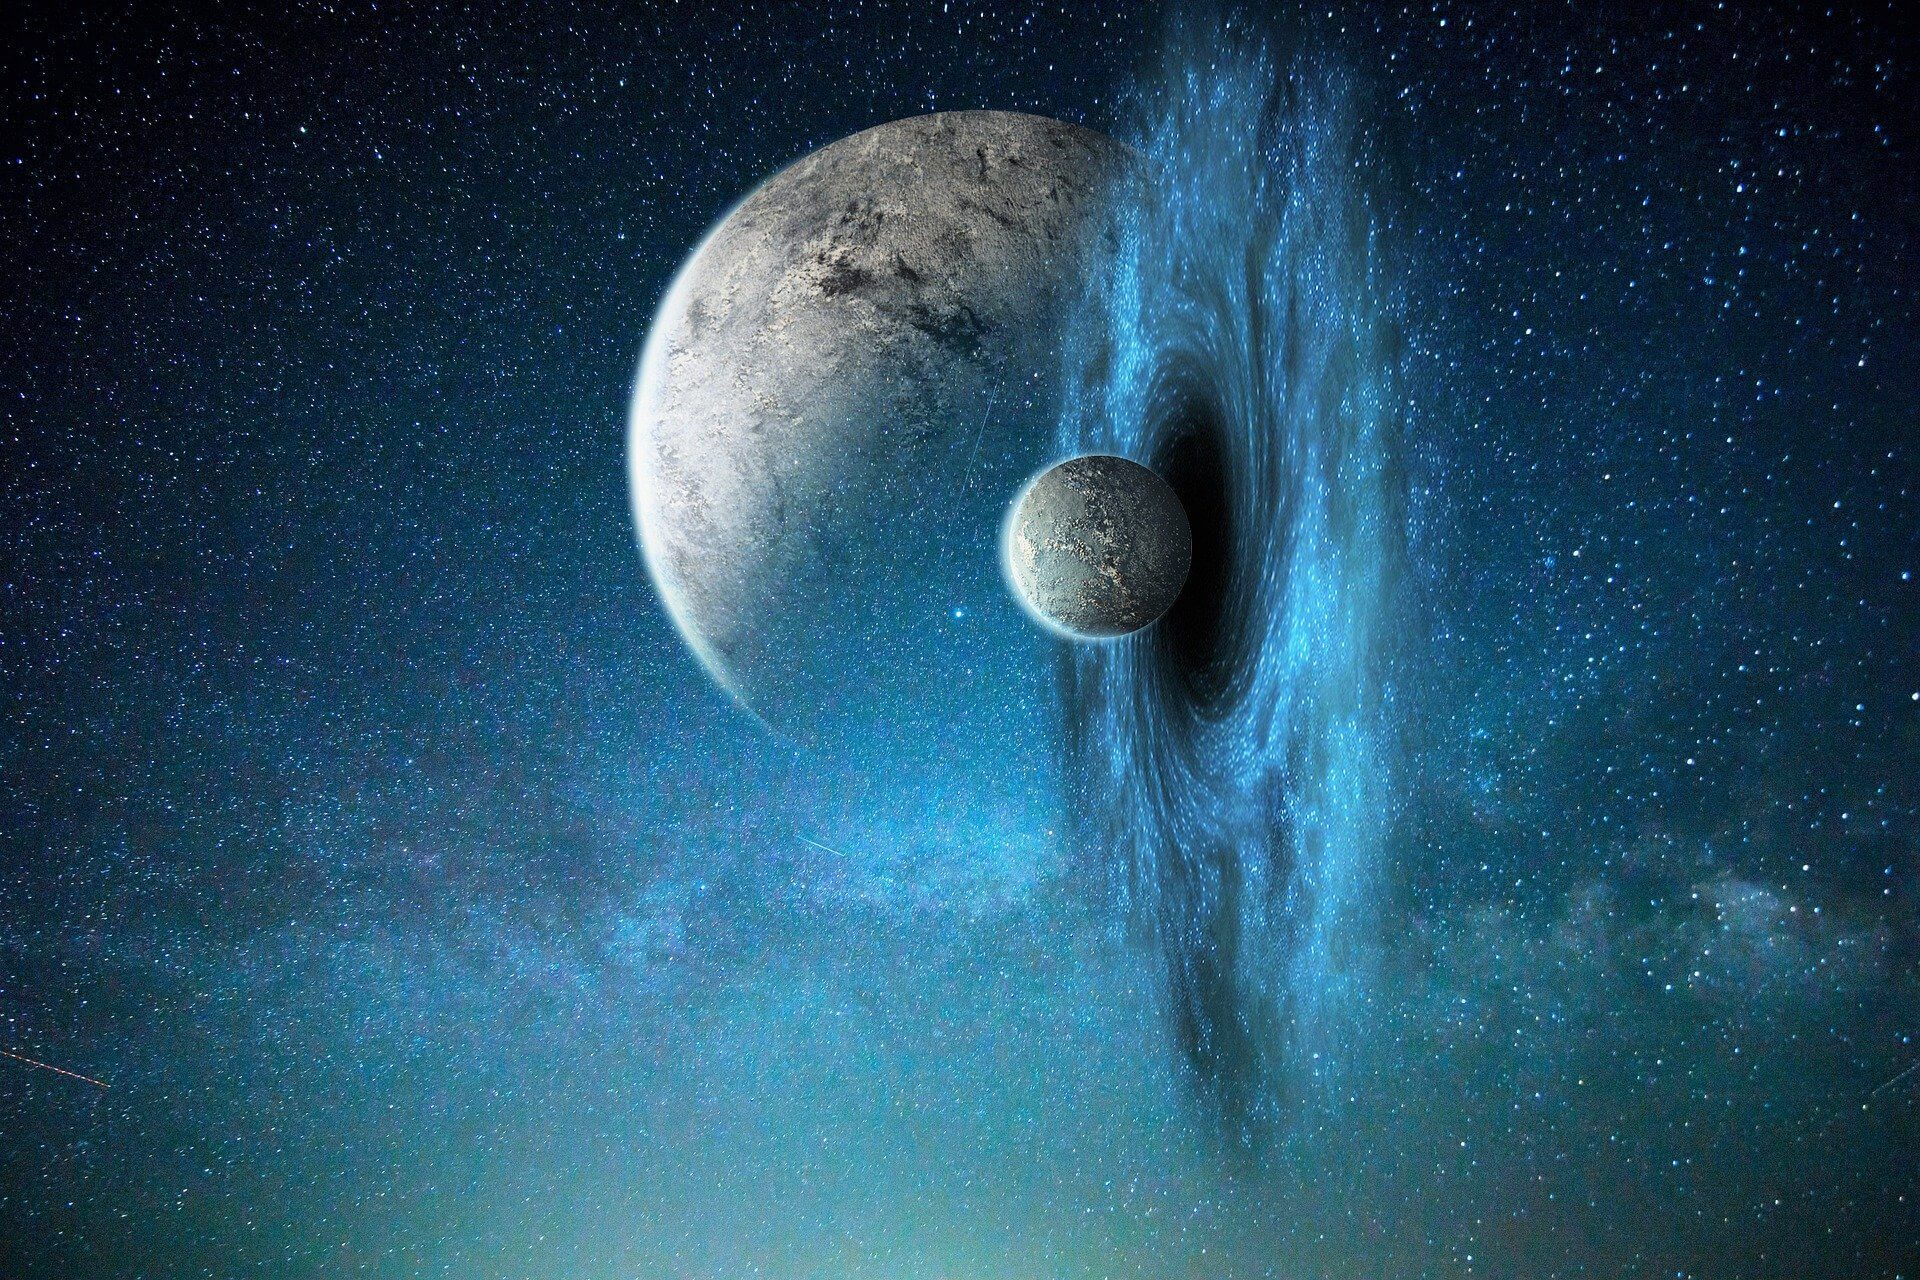 zanimljivosti o svemiru fantasy